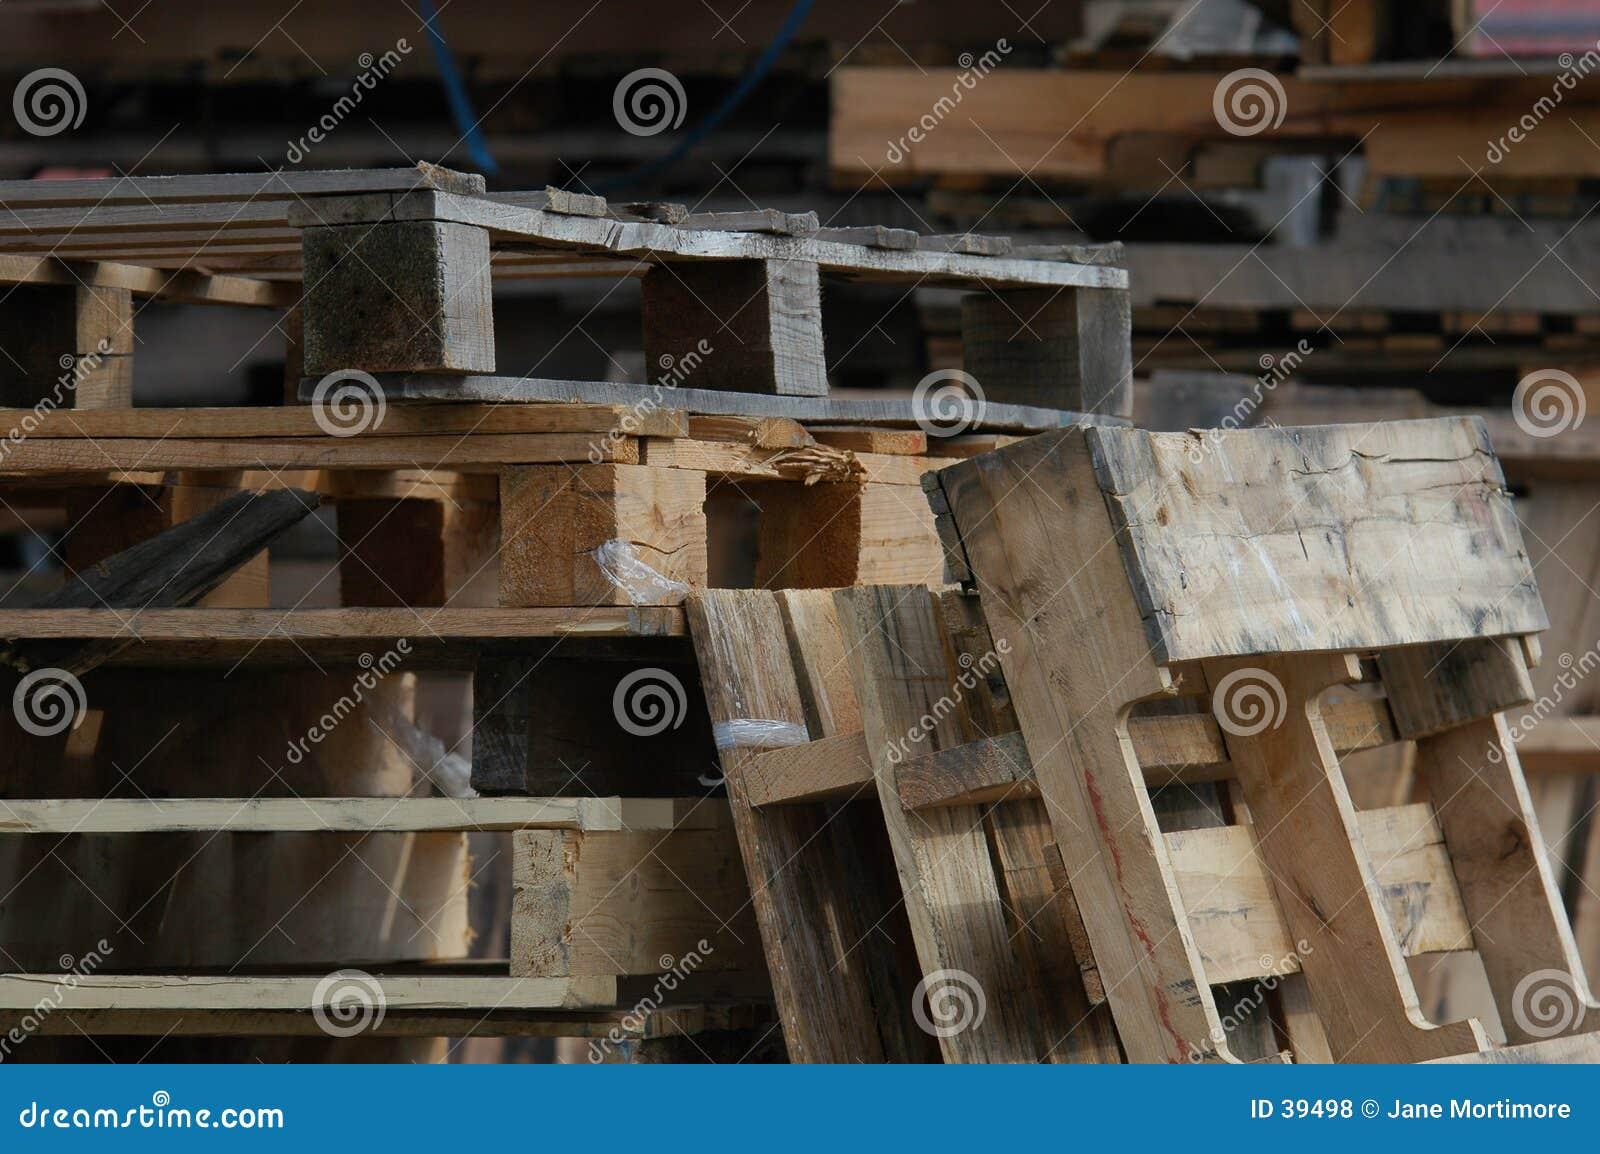 Download Paletas de madera foto de archivo. Imagen de nave, paquete - 39498